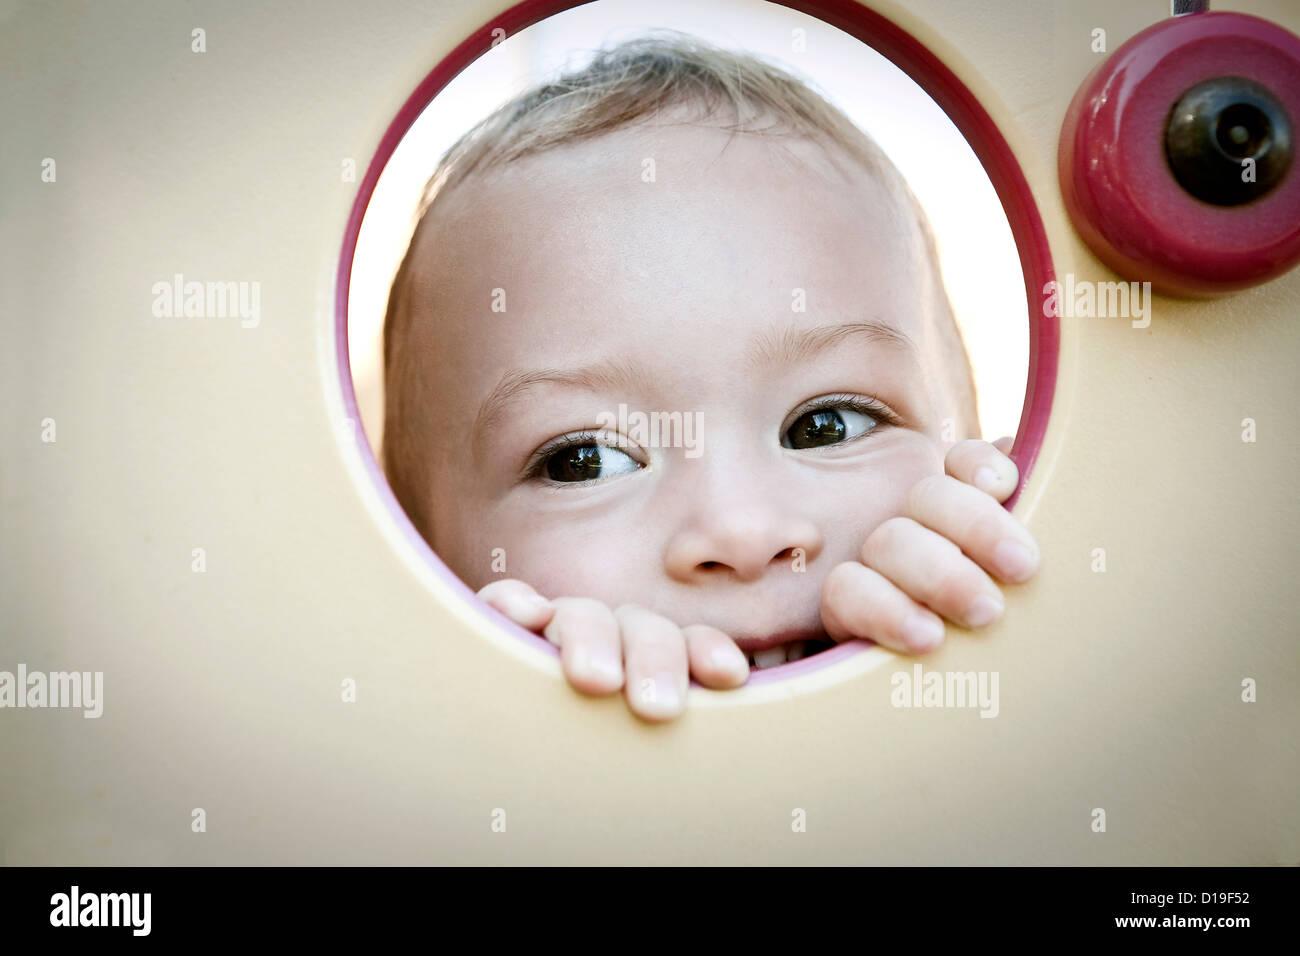 Toddler girl peeking through circle - Stock Image